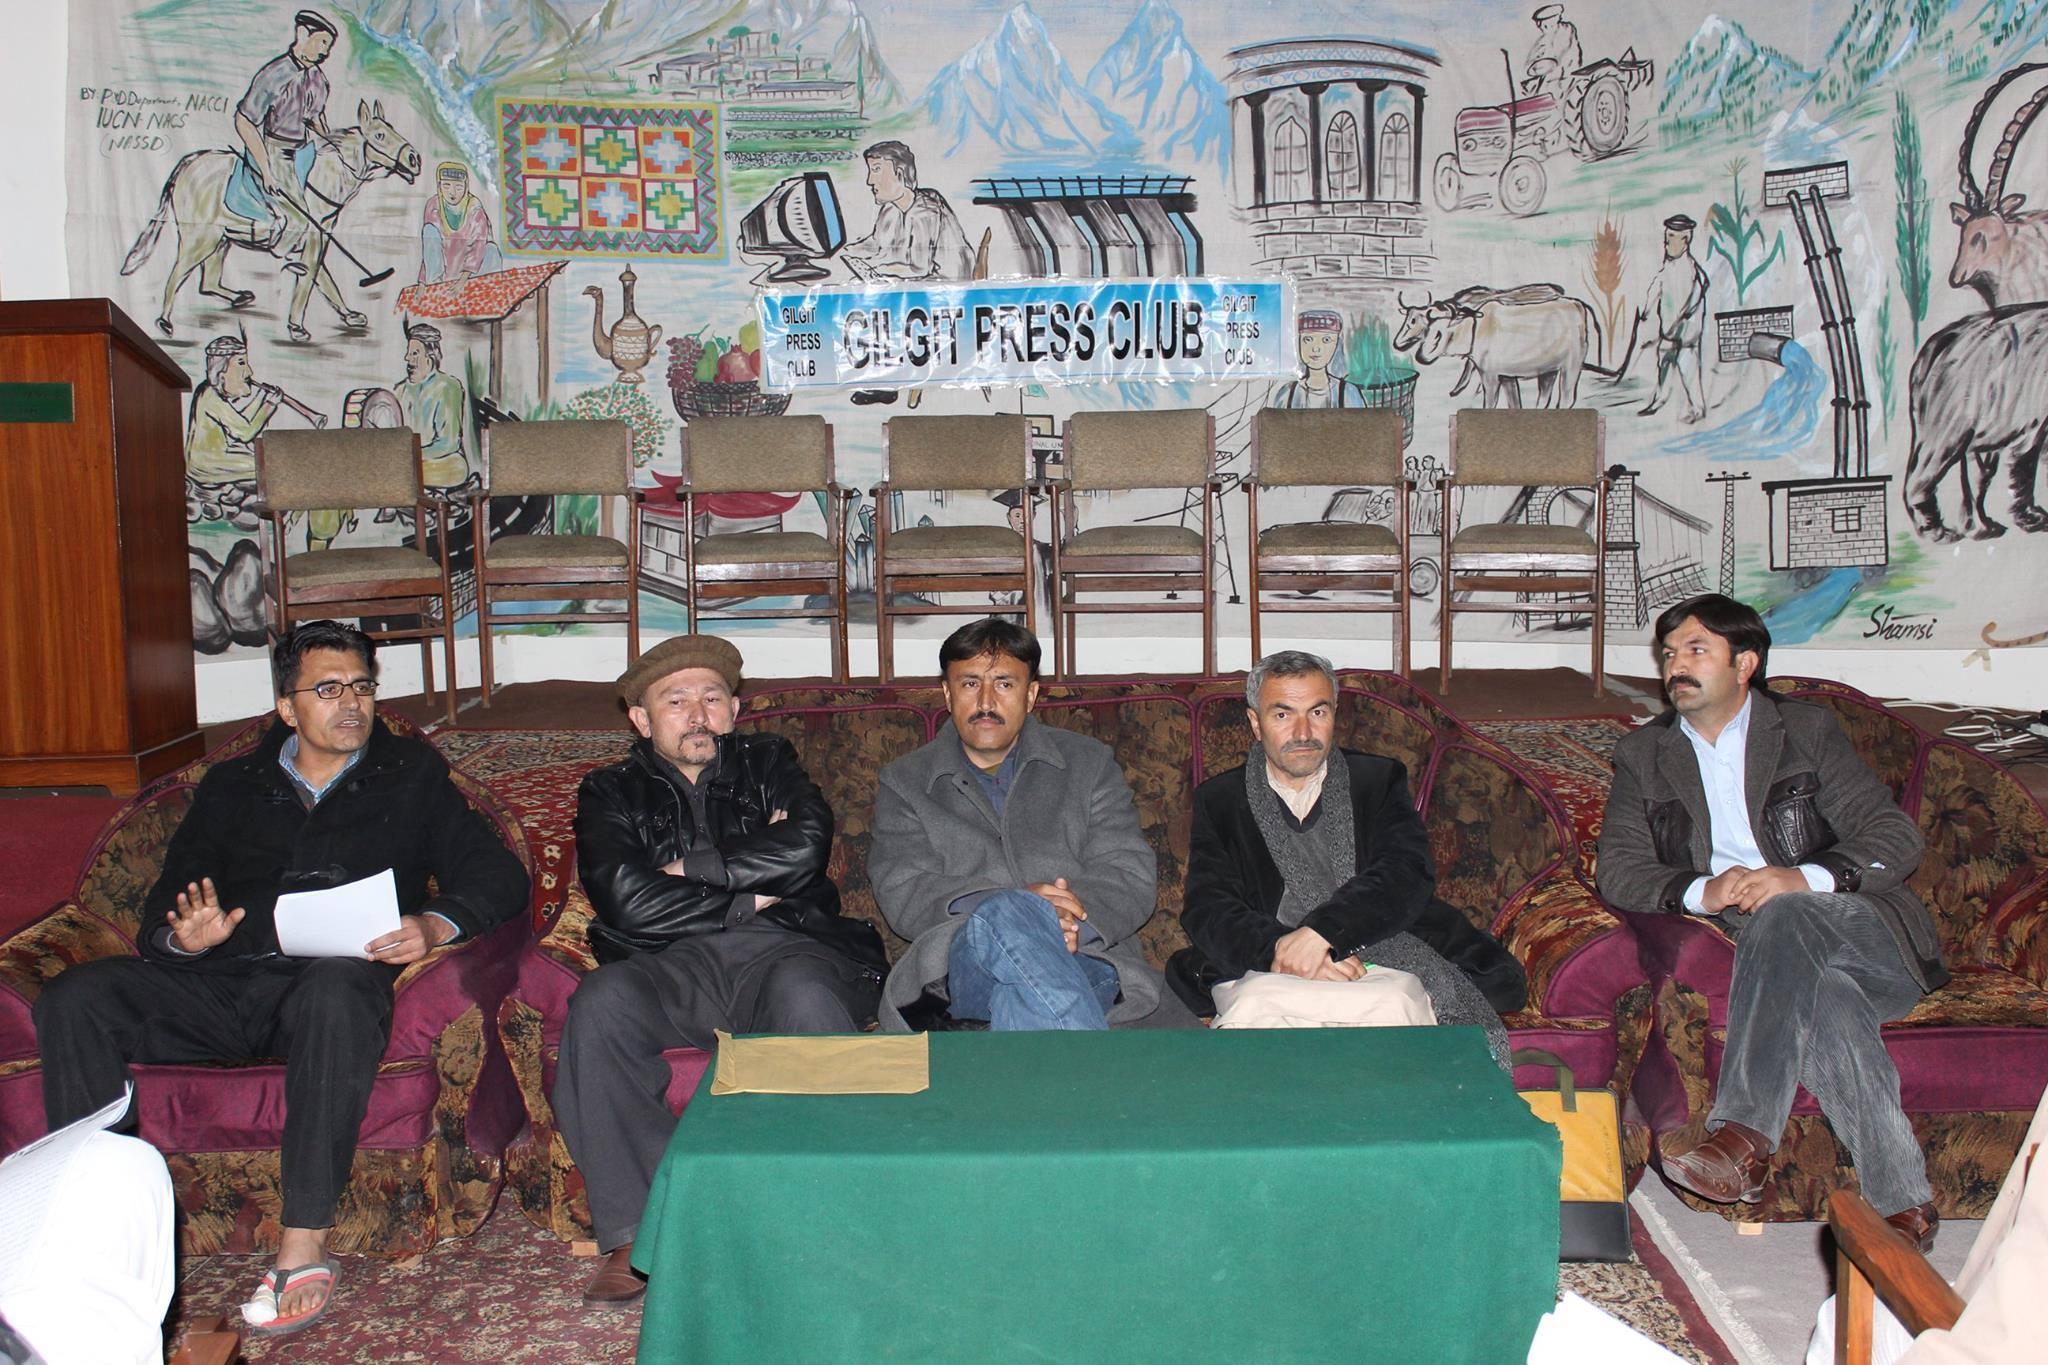 گلگت بلتستان متنازعہ علاقہ ہے، چین کے ساتھ معائدوں پر تشویش ہے، قراقرم نیشنل موومنٹ